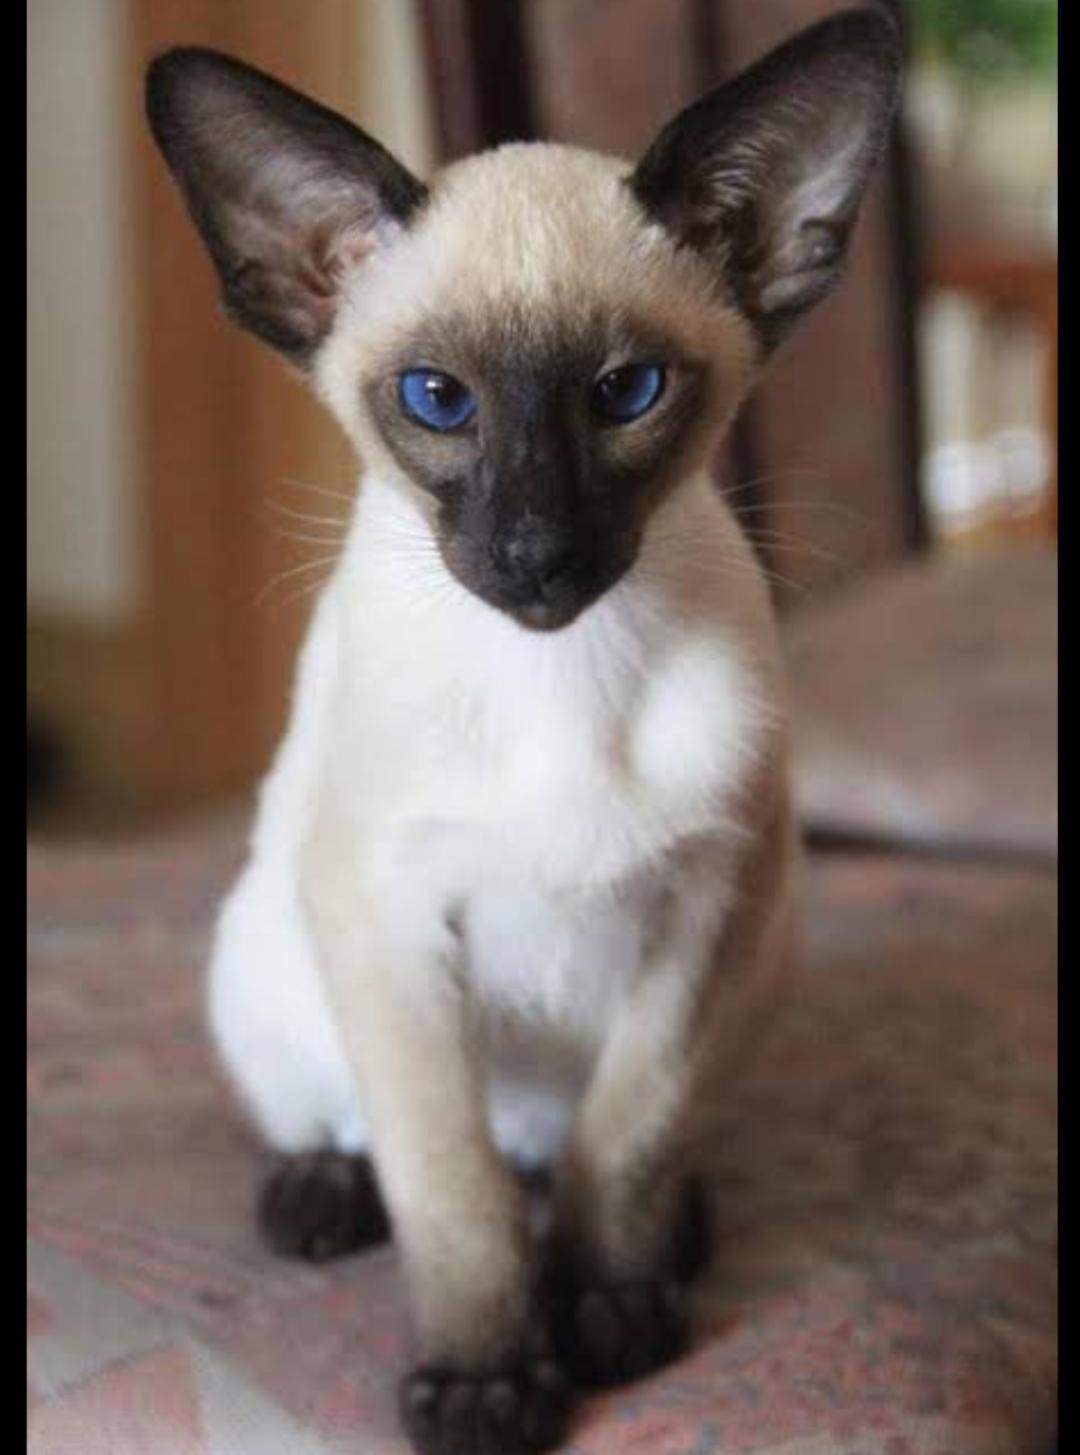 猫 性格 シャム シャム猫の性格や特徴は?寿命や病気、歴史は?